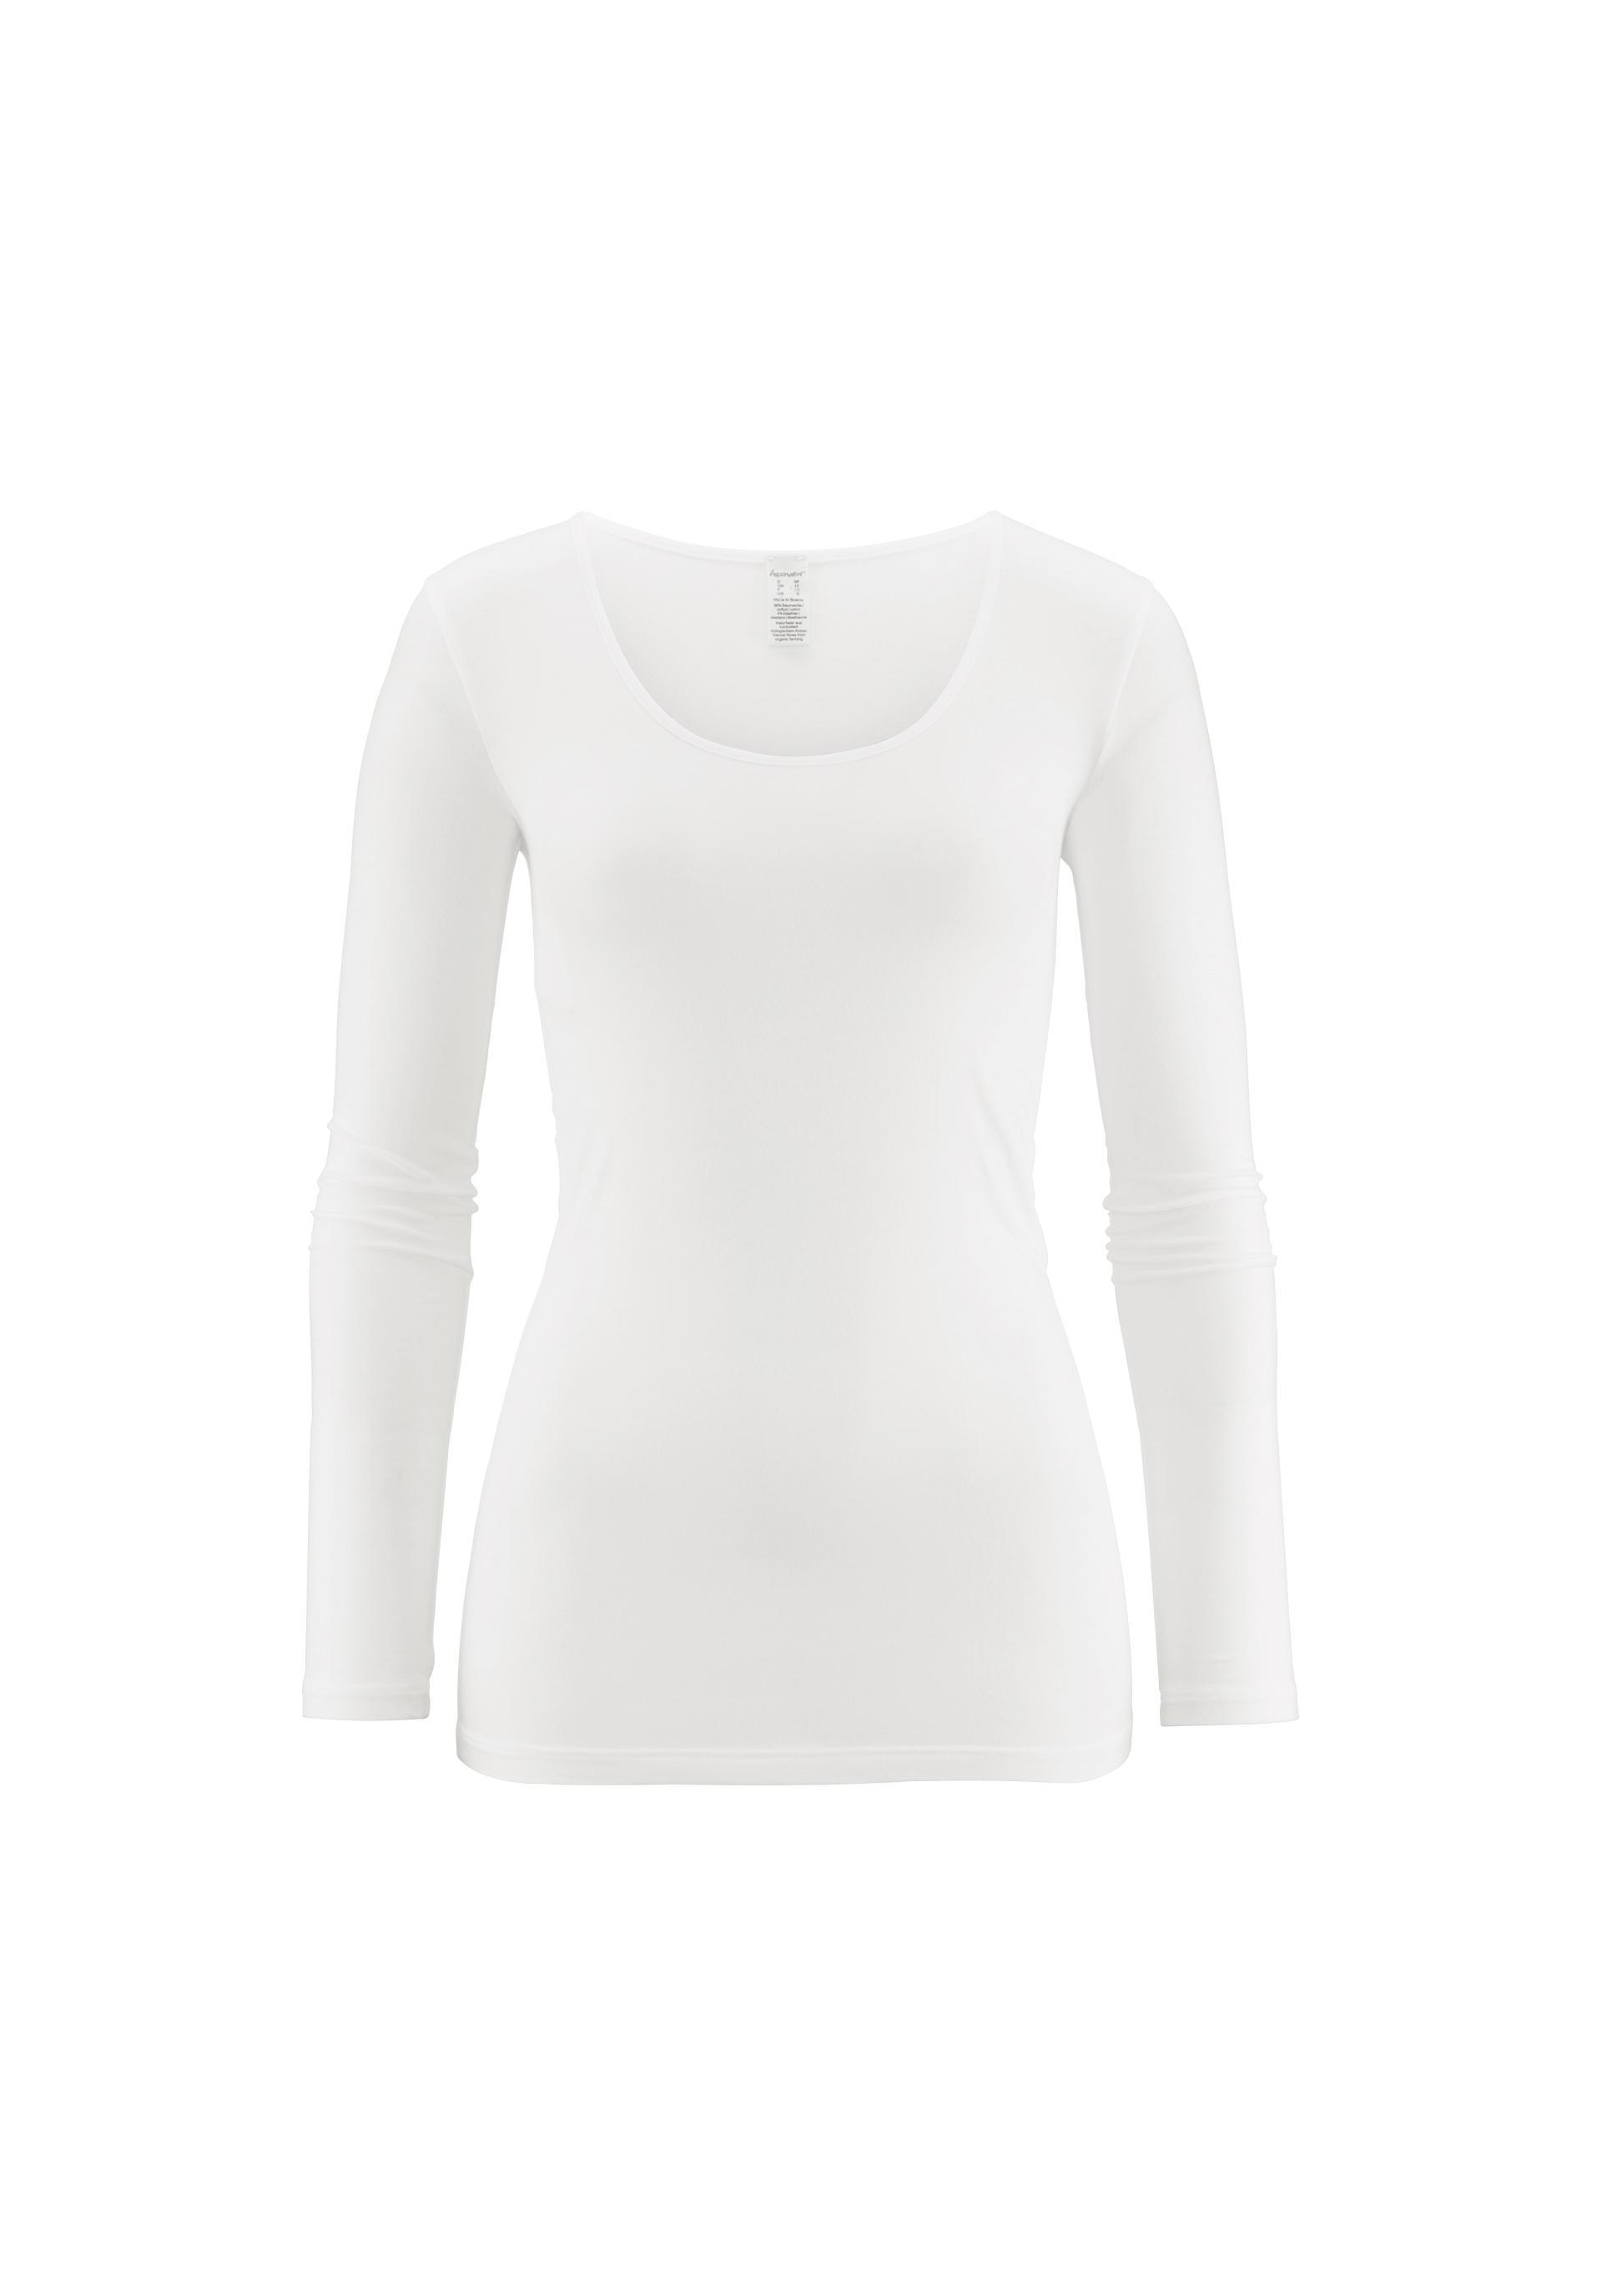 678469584e5e07 Damen Langarm-Shirt aus Bio-Baumwolle und Modal - hessnatur Deutschland